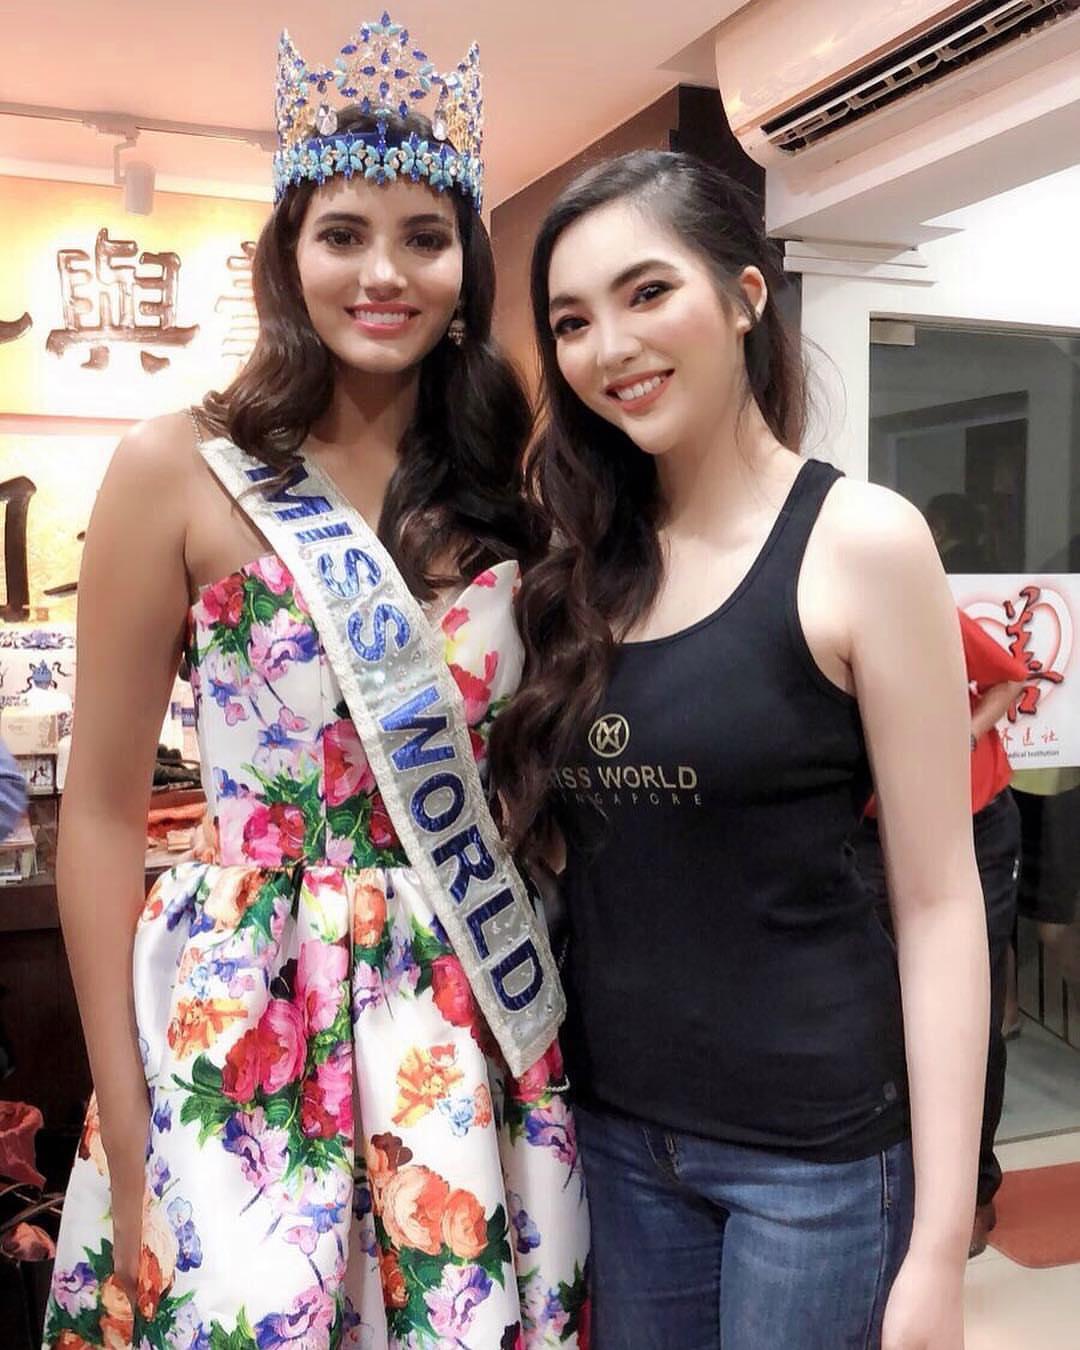 miss world 2016 durante tour de beauty with a purpose em singapore. 9ej6sd2p